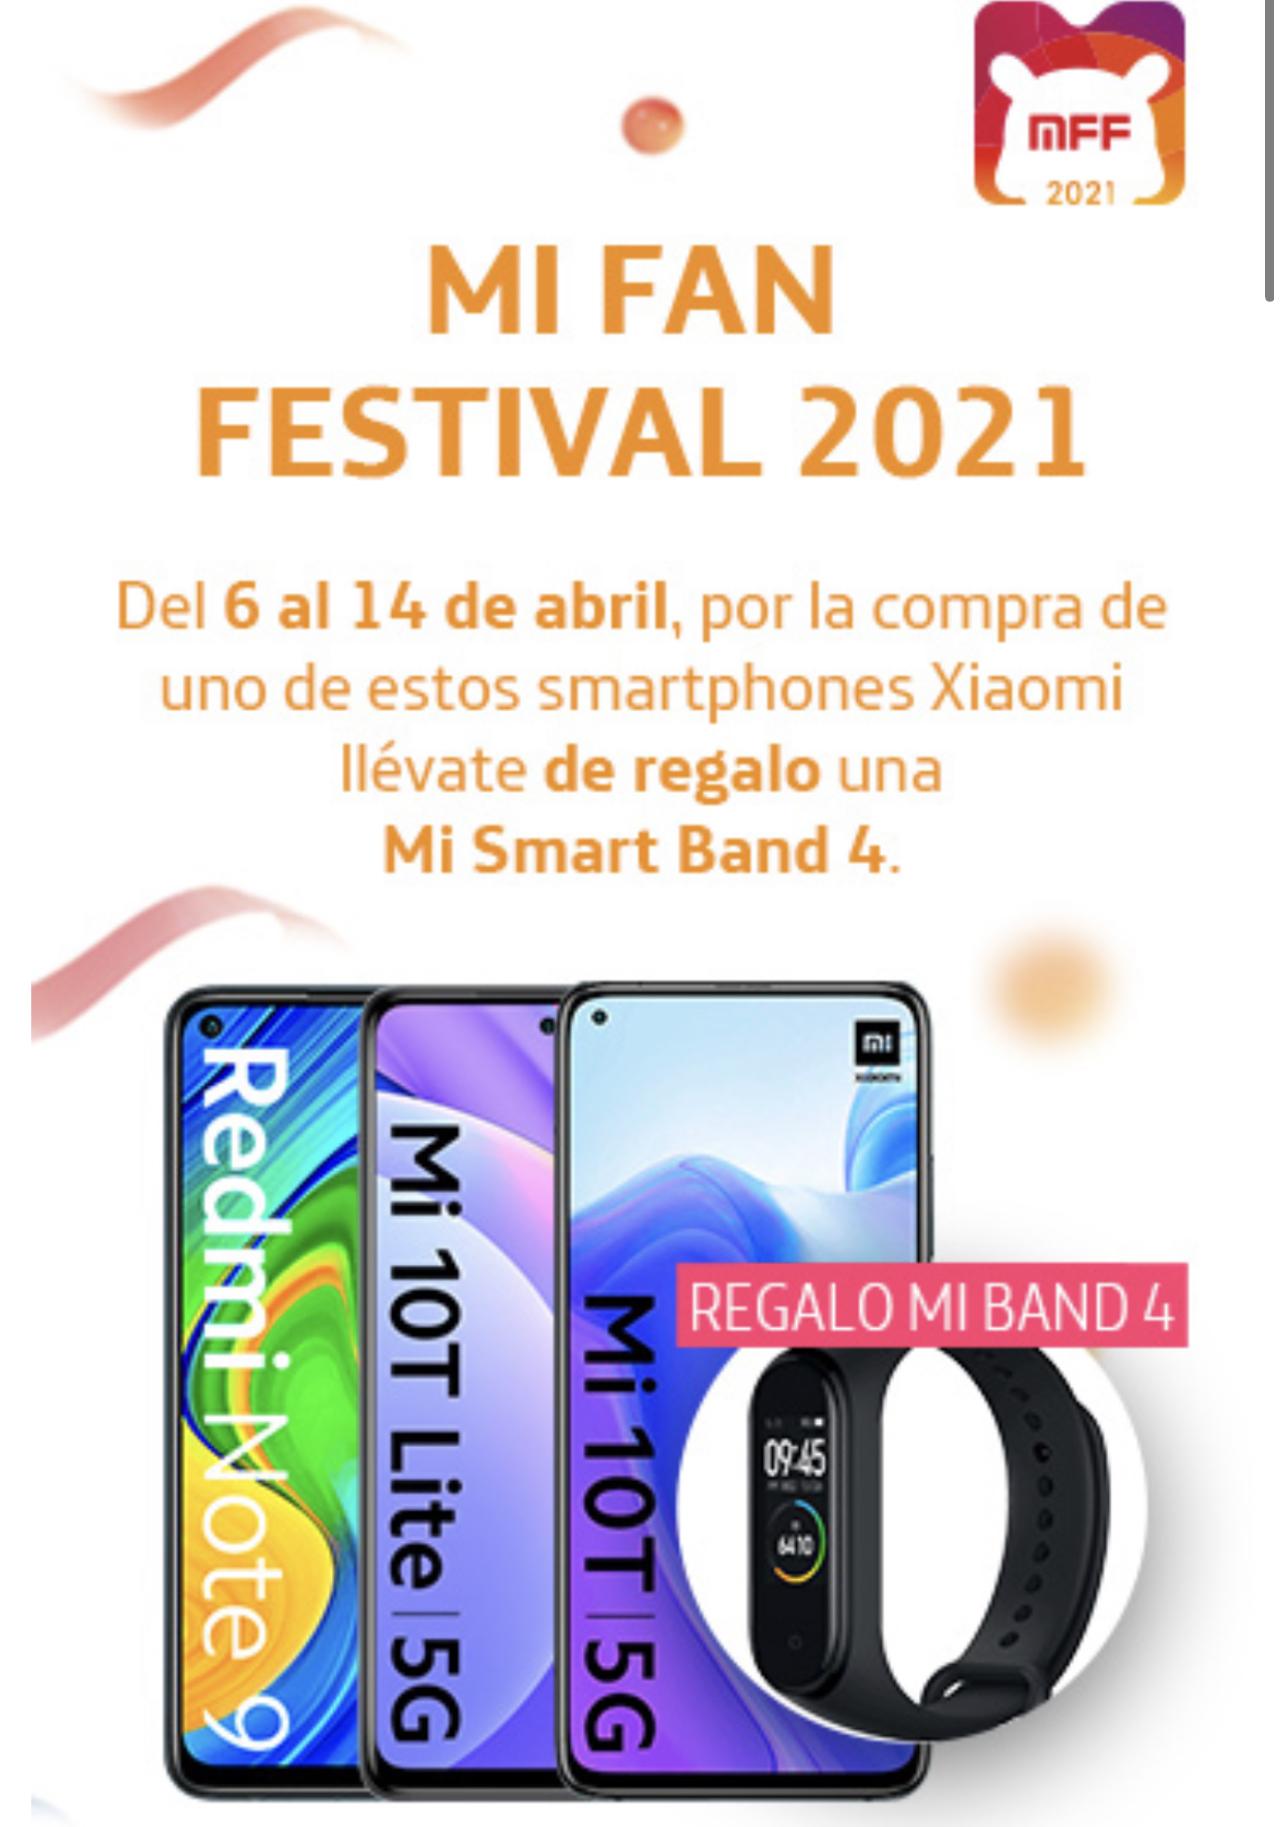 Regalo mi band 4 con móviles (en oferta) Xiaomi Movistar